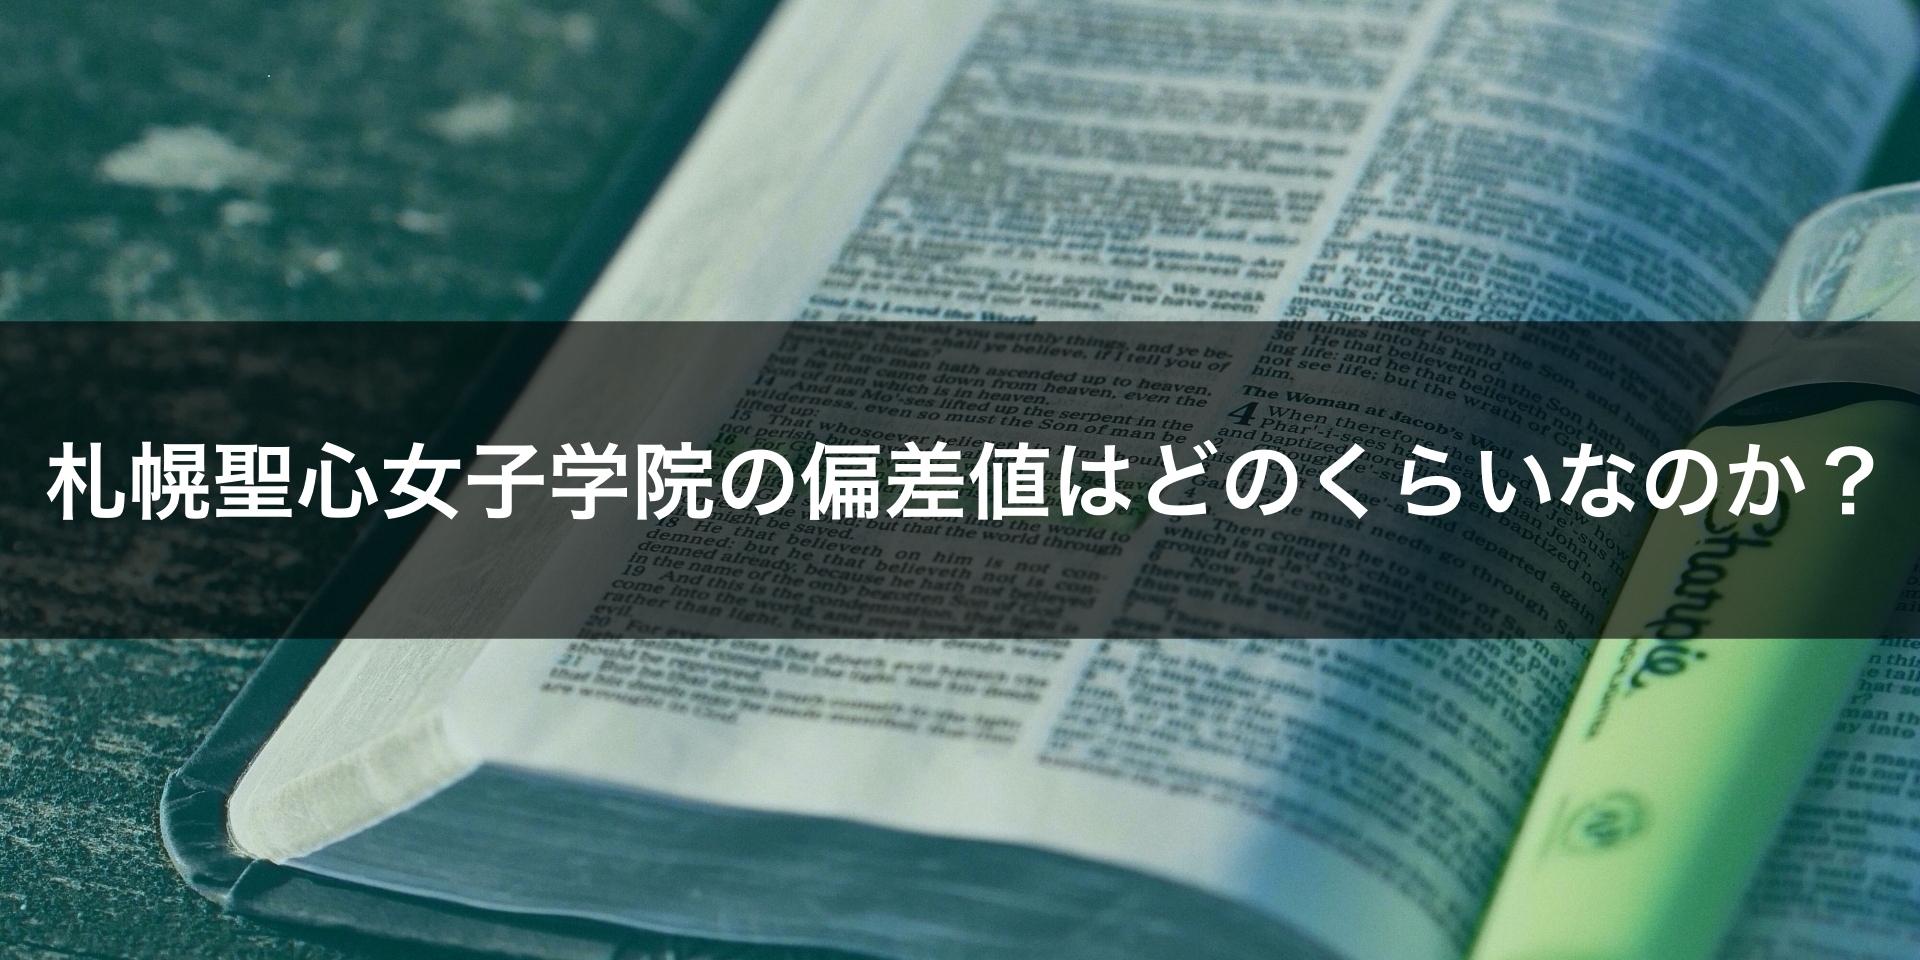 札幌聖心女子学院の偏差値はどのくらいなのか?